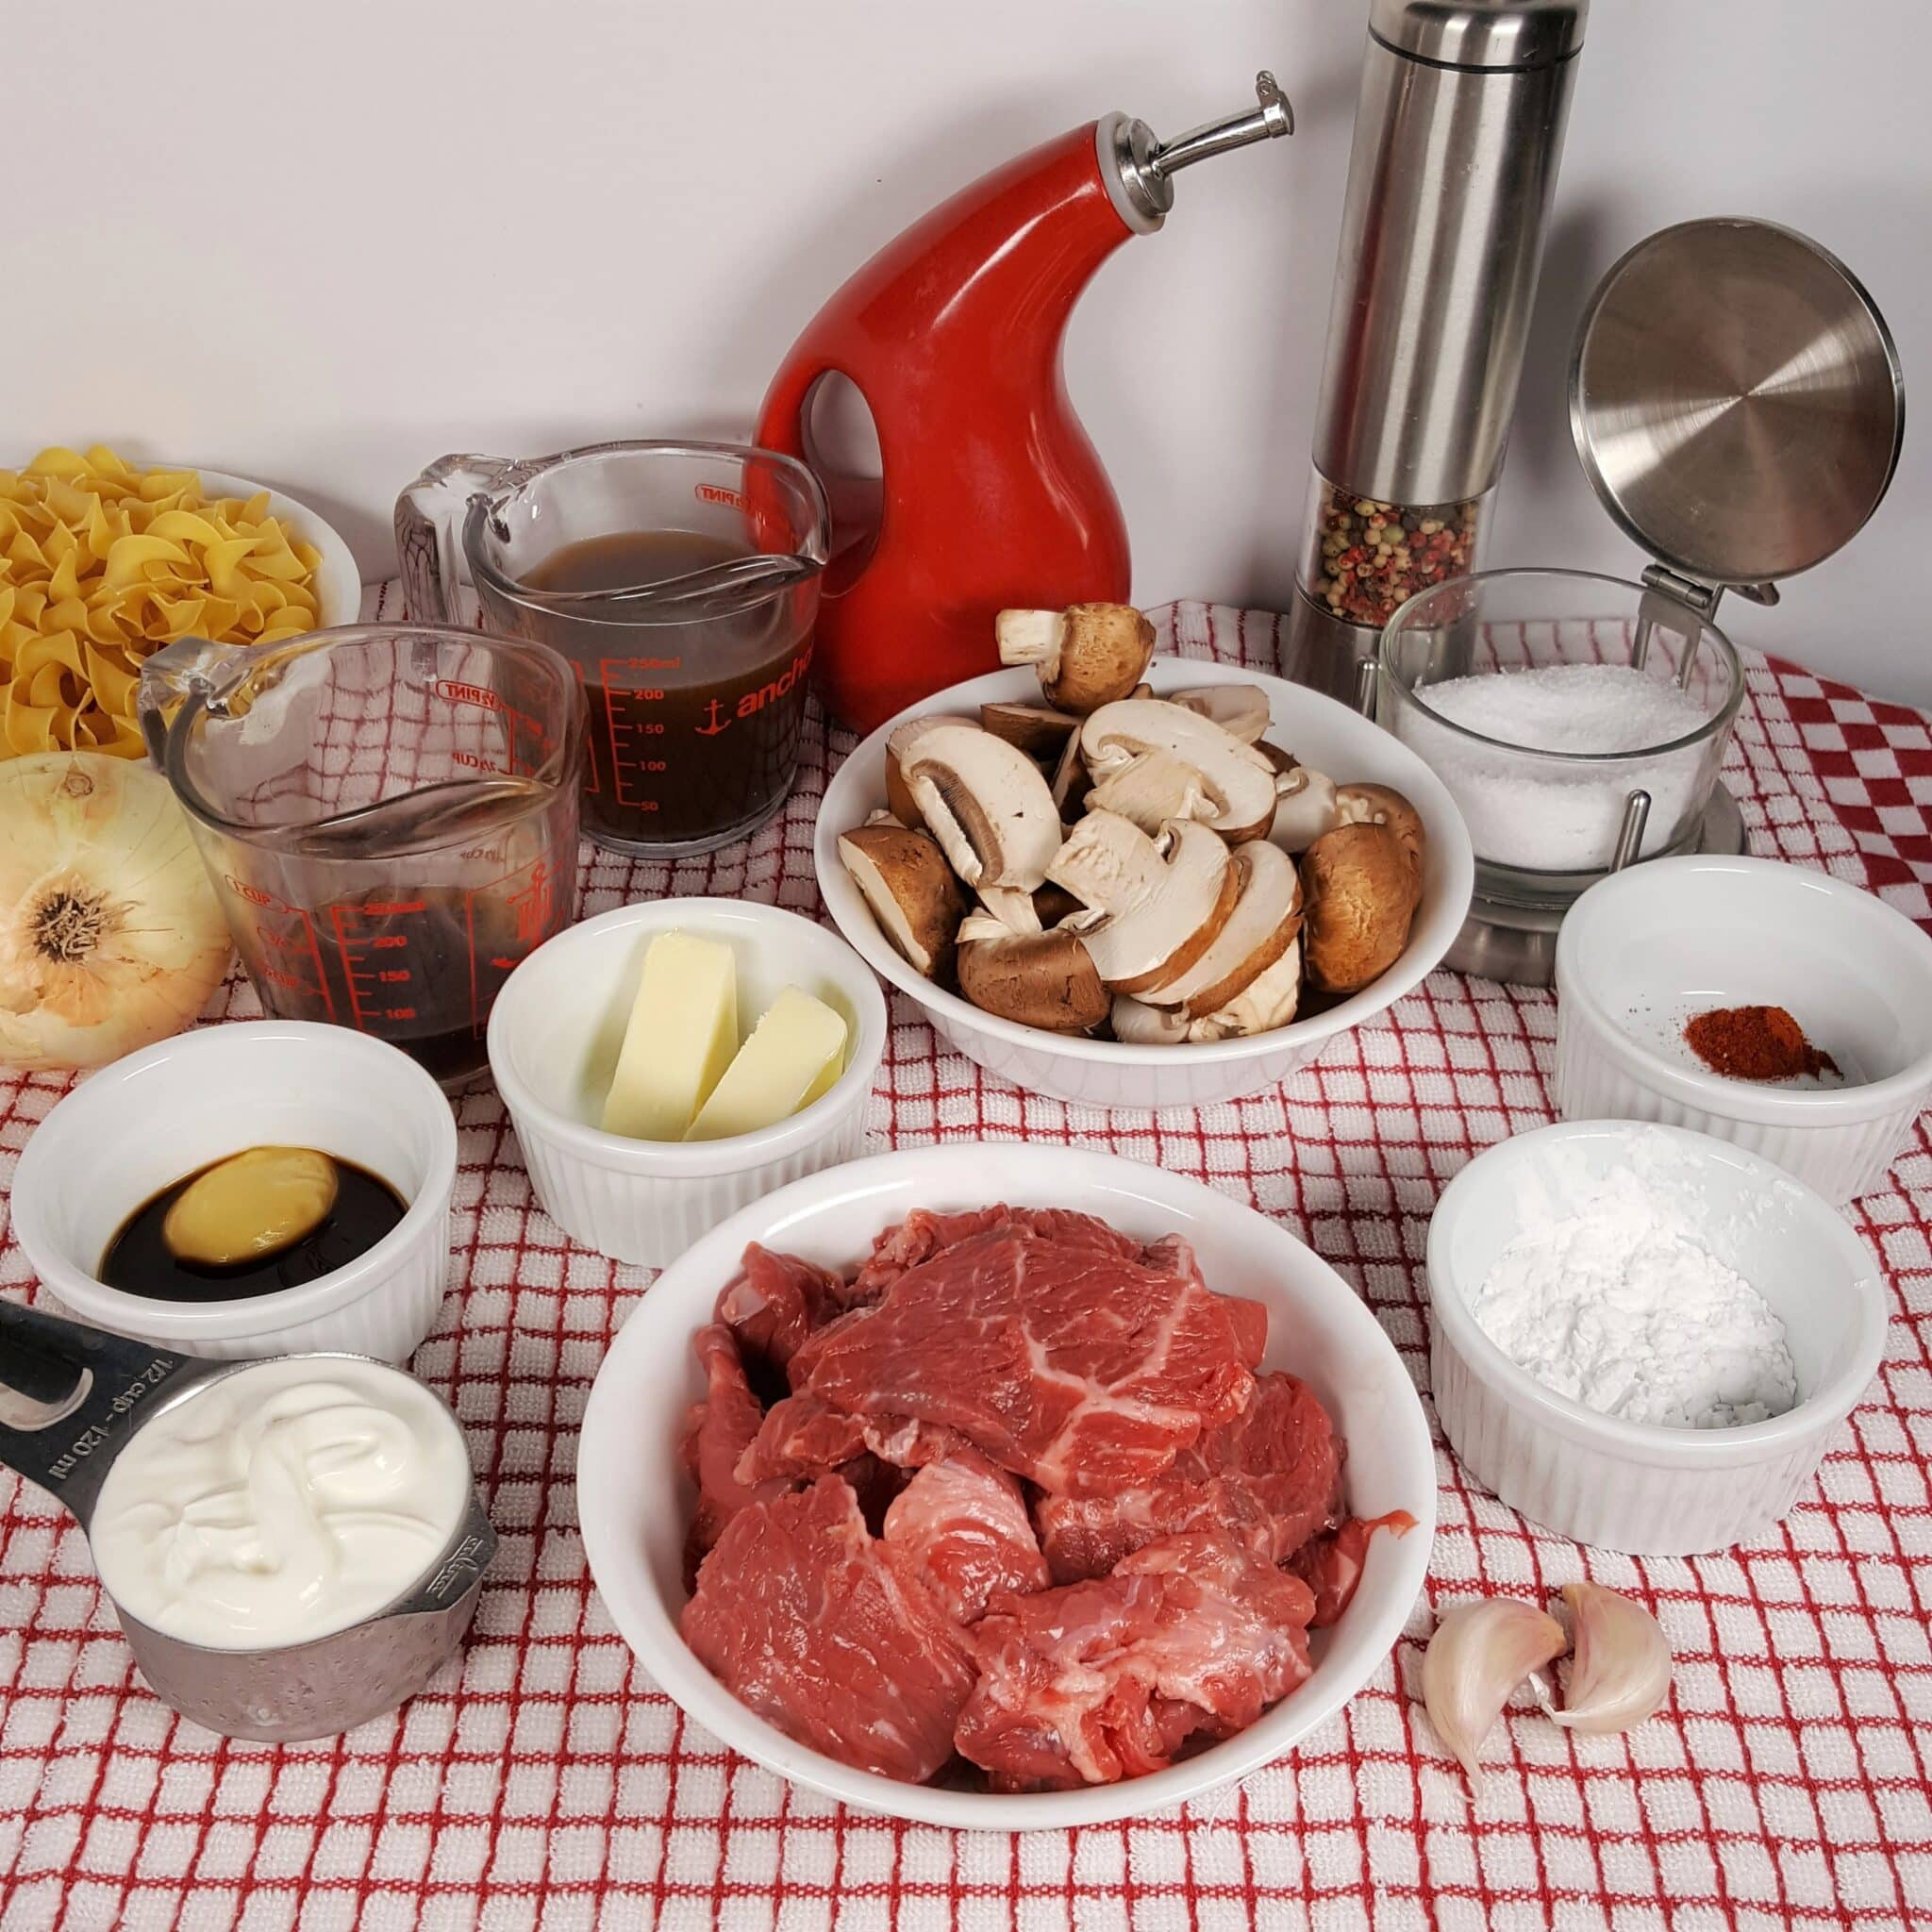 Cast of Ingredients for Instant Pot Beef Stroganoff